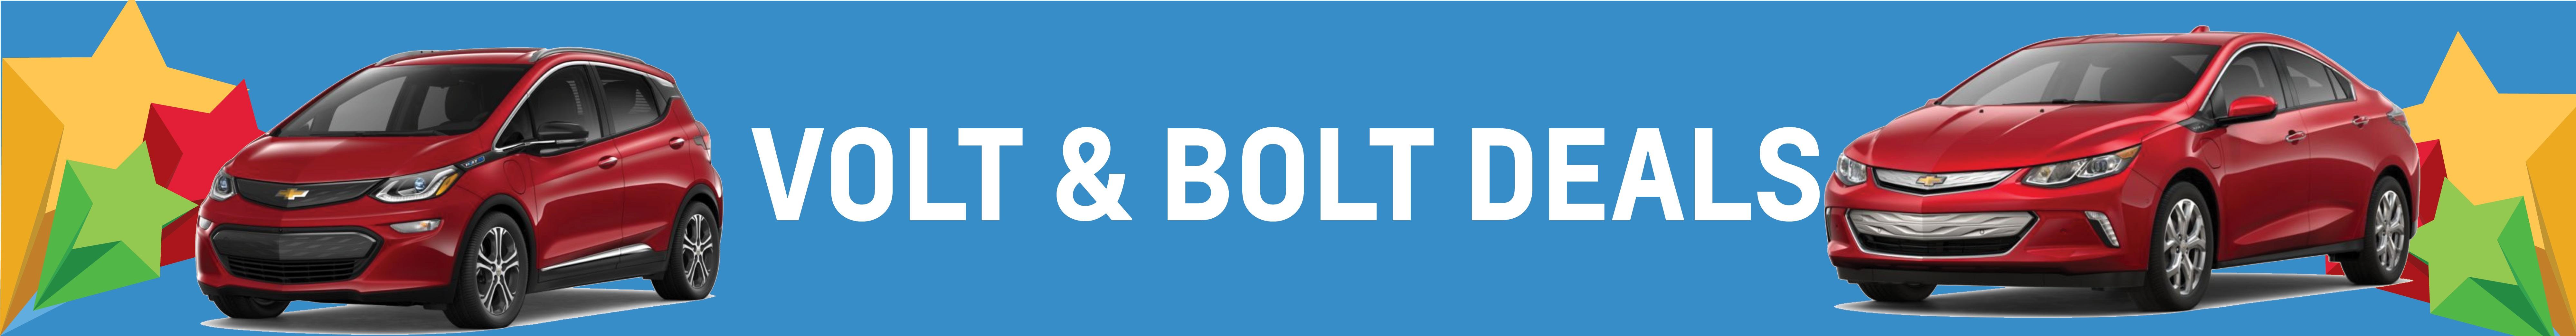 Volt & Bolt Deals